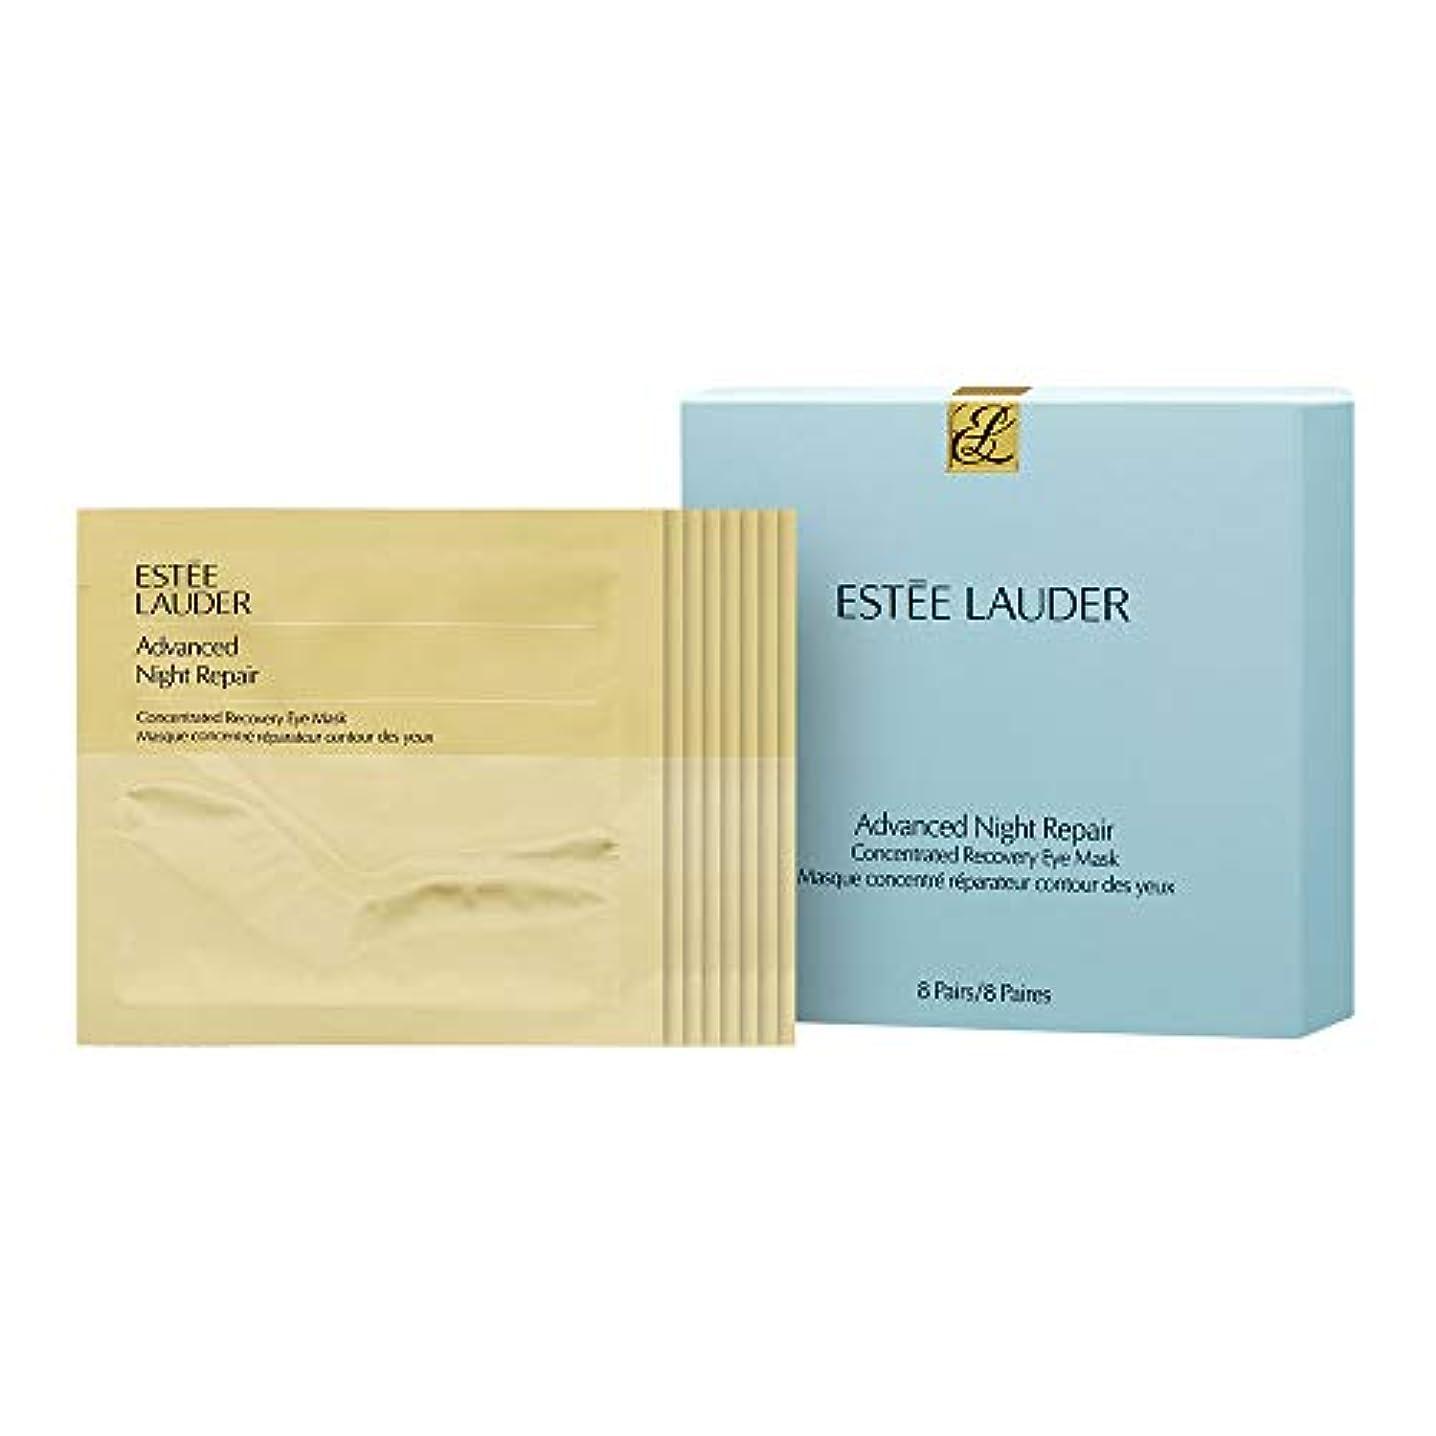 ボリュームホイール国籍エスティローダー(Estee Lauder) アドバンス ナイト リペア アイ マスク 3.8ml(2枚)×4パケット [並行輸入品]